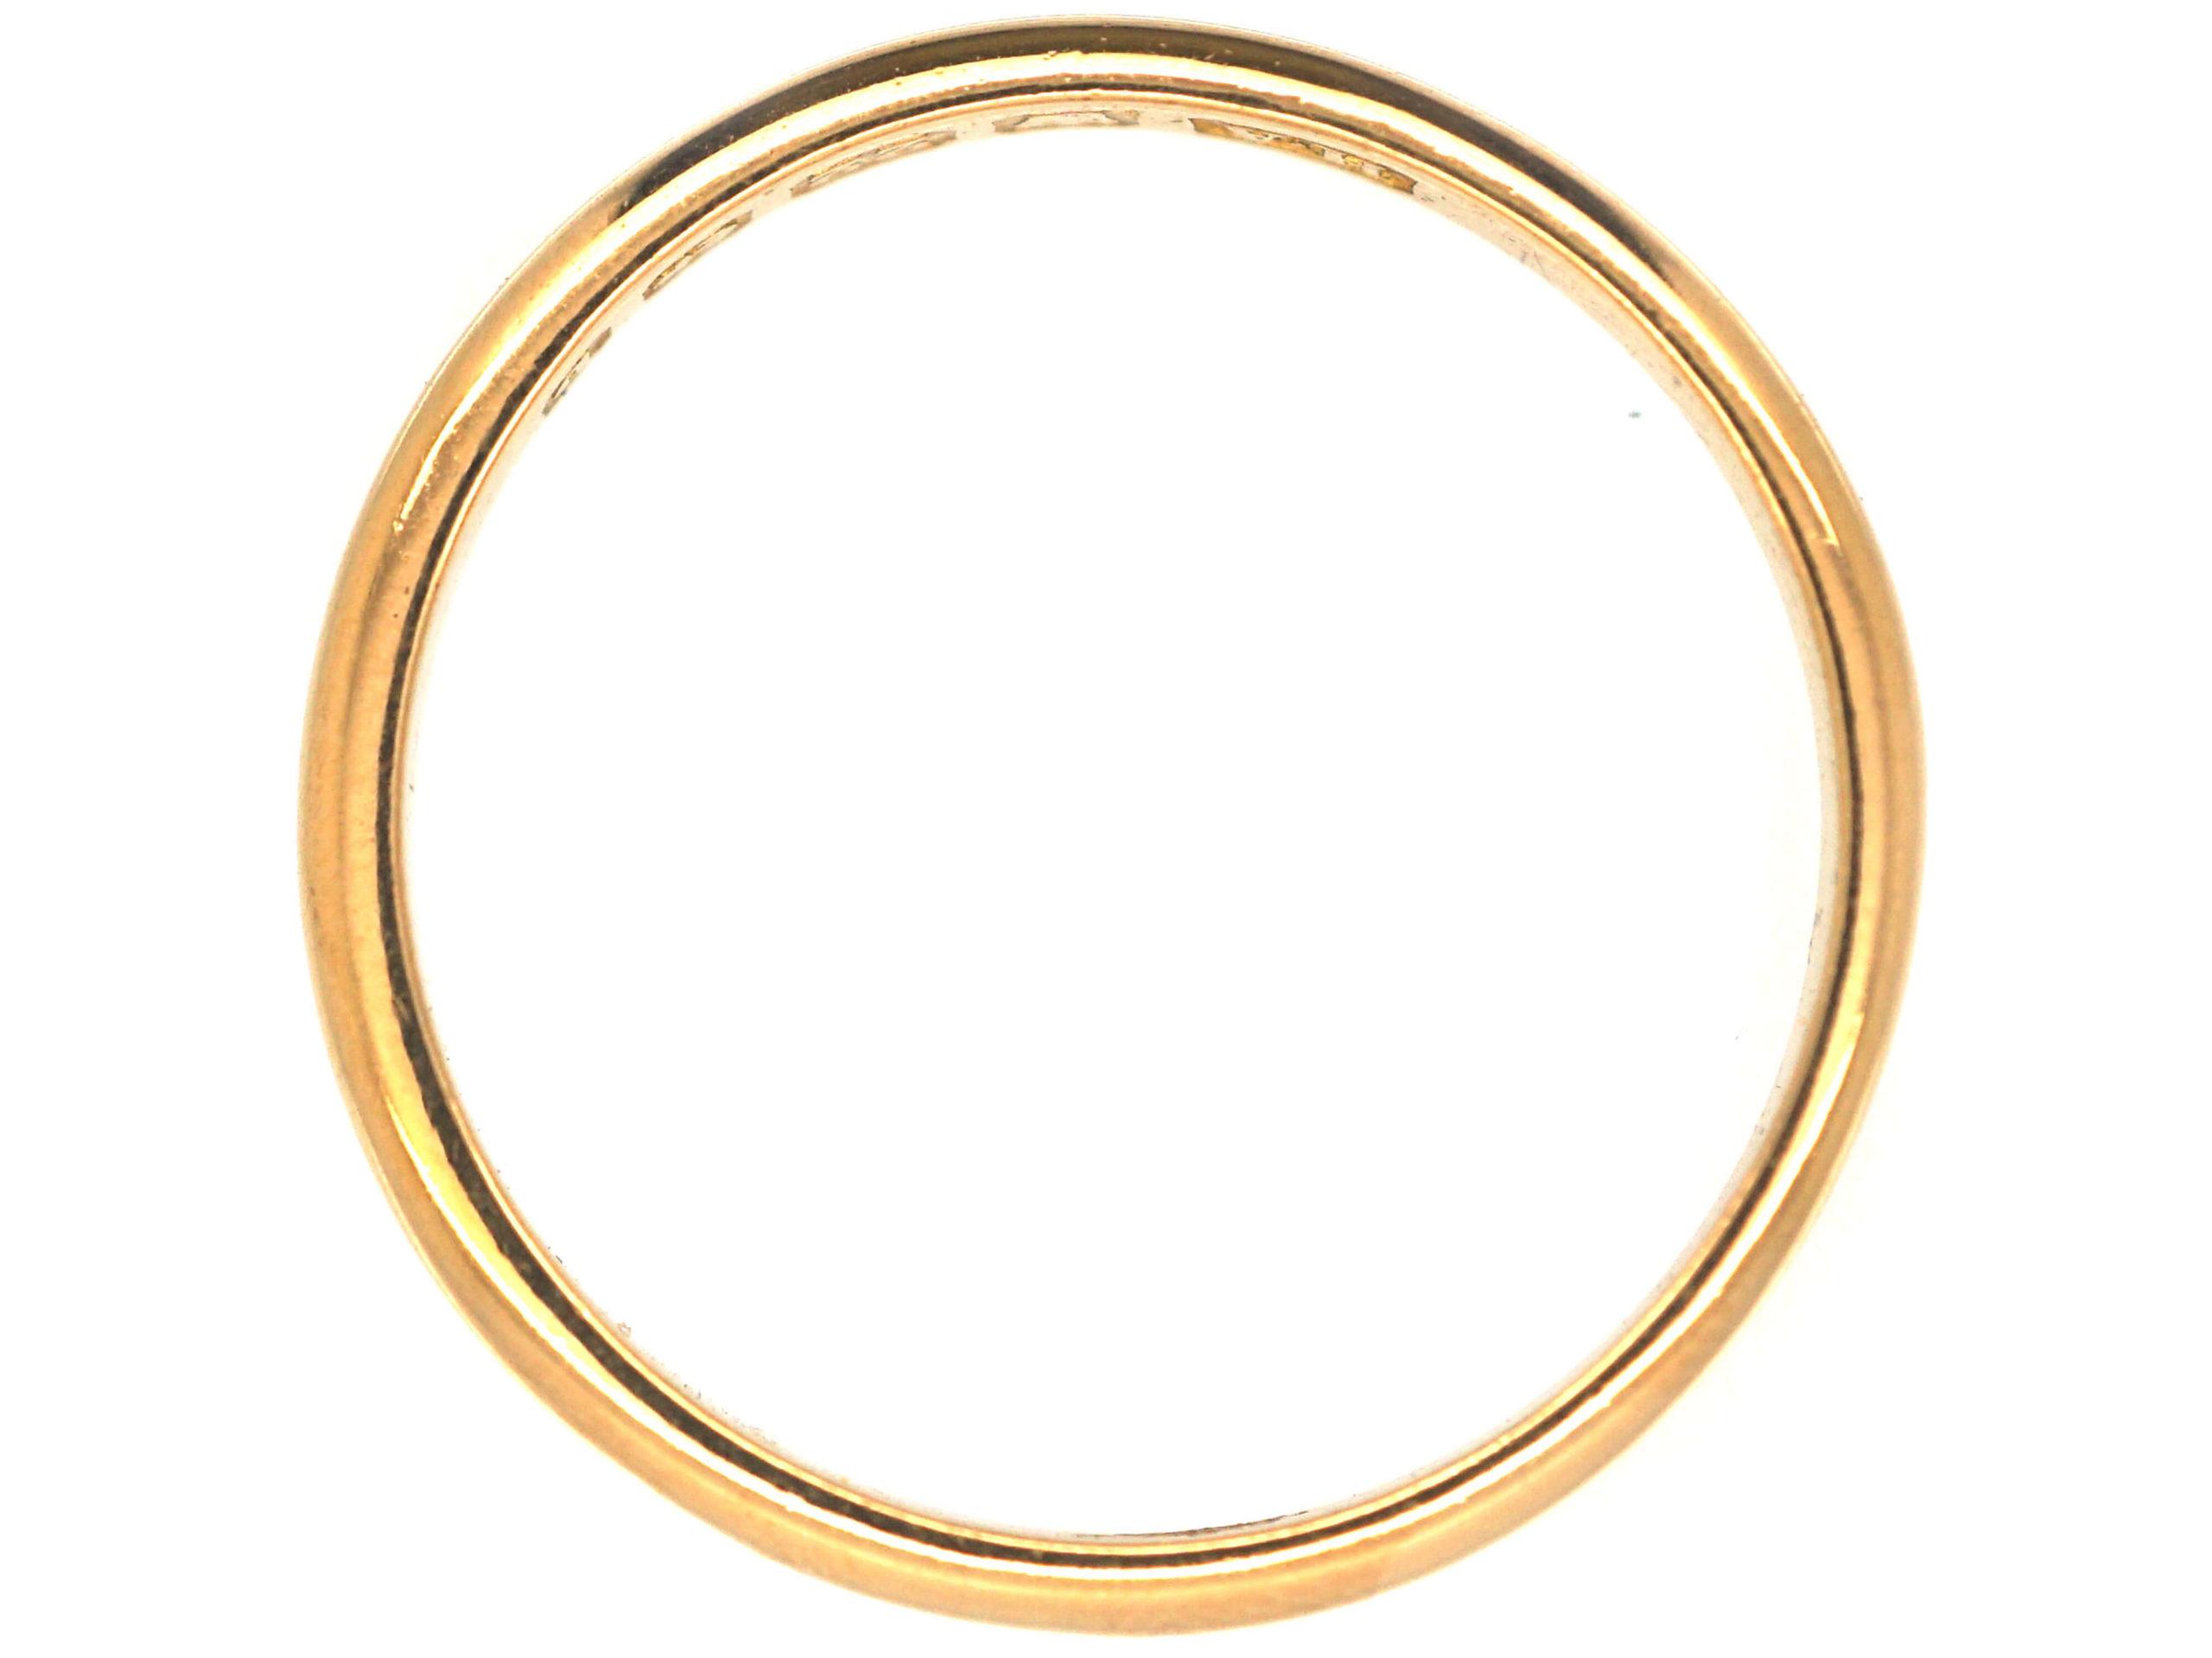 Edwardian 22ct Gold Wedding Ring